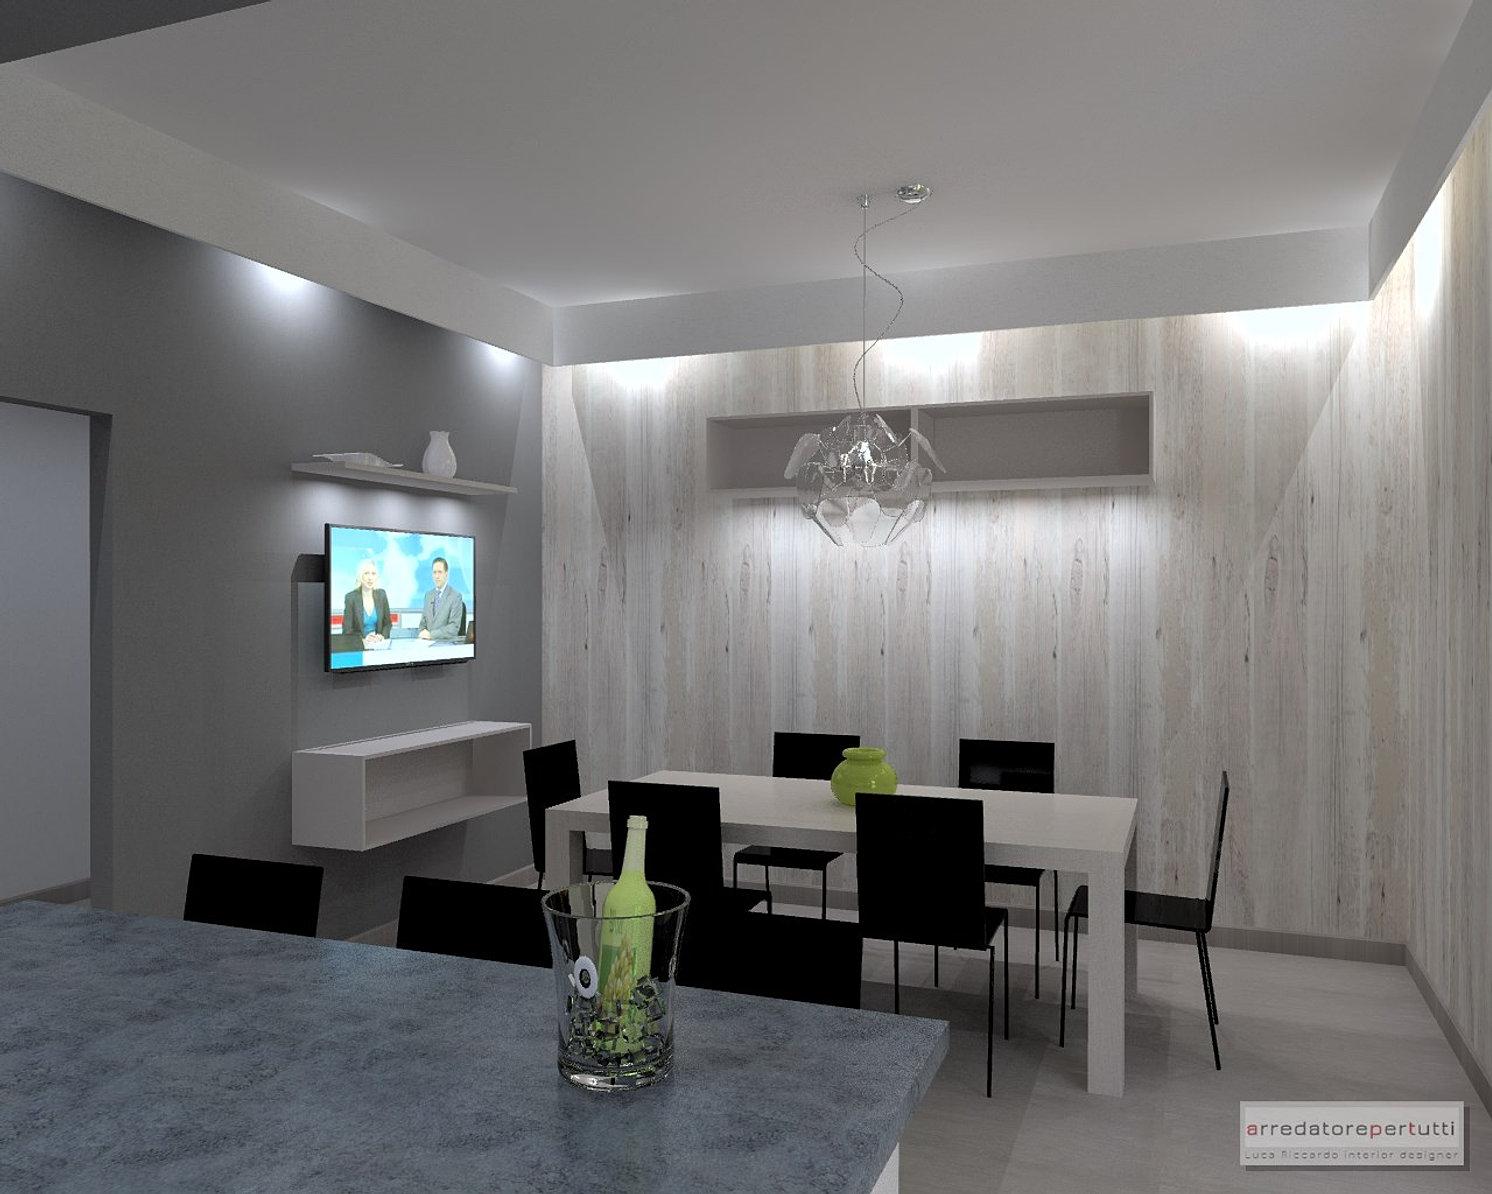 Progettare interni online a prezzi accessibili progetto for Progettare interni casa online gratis